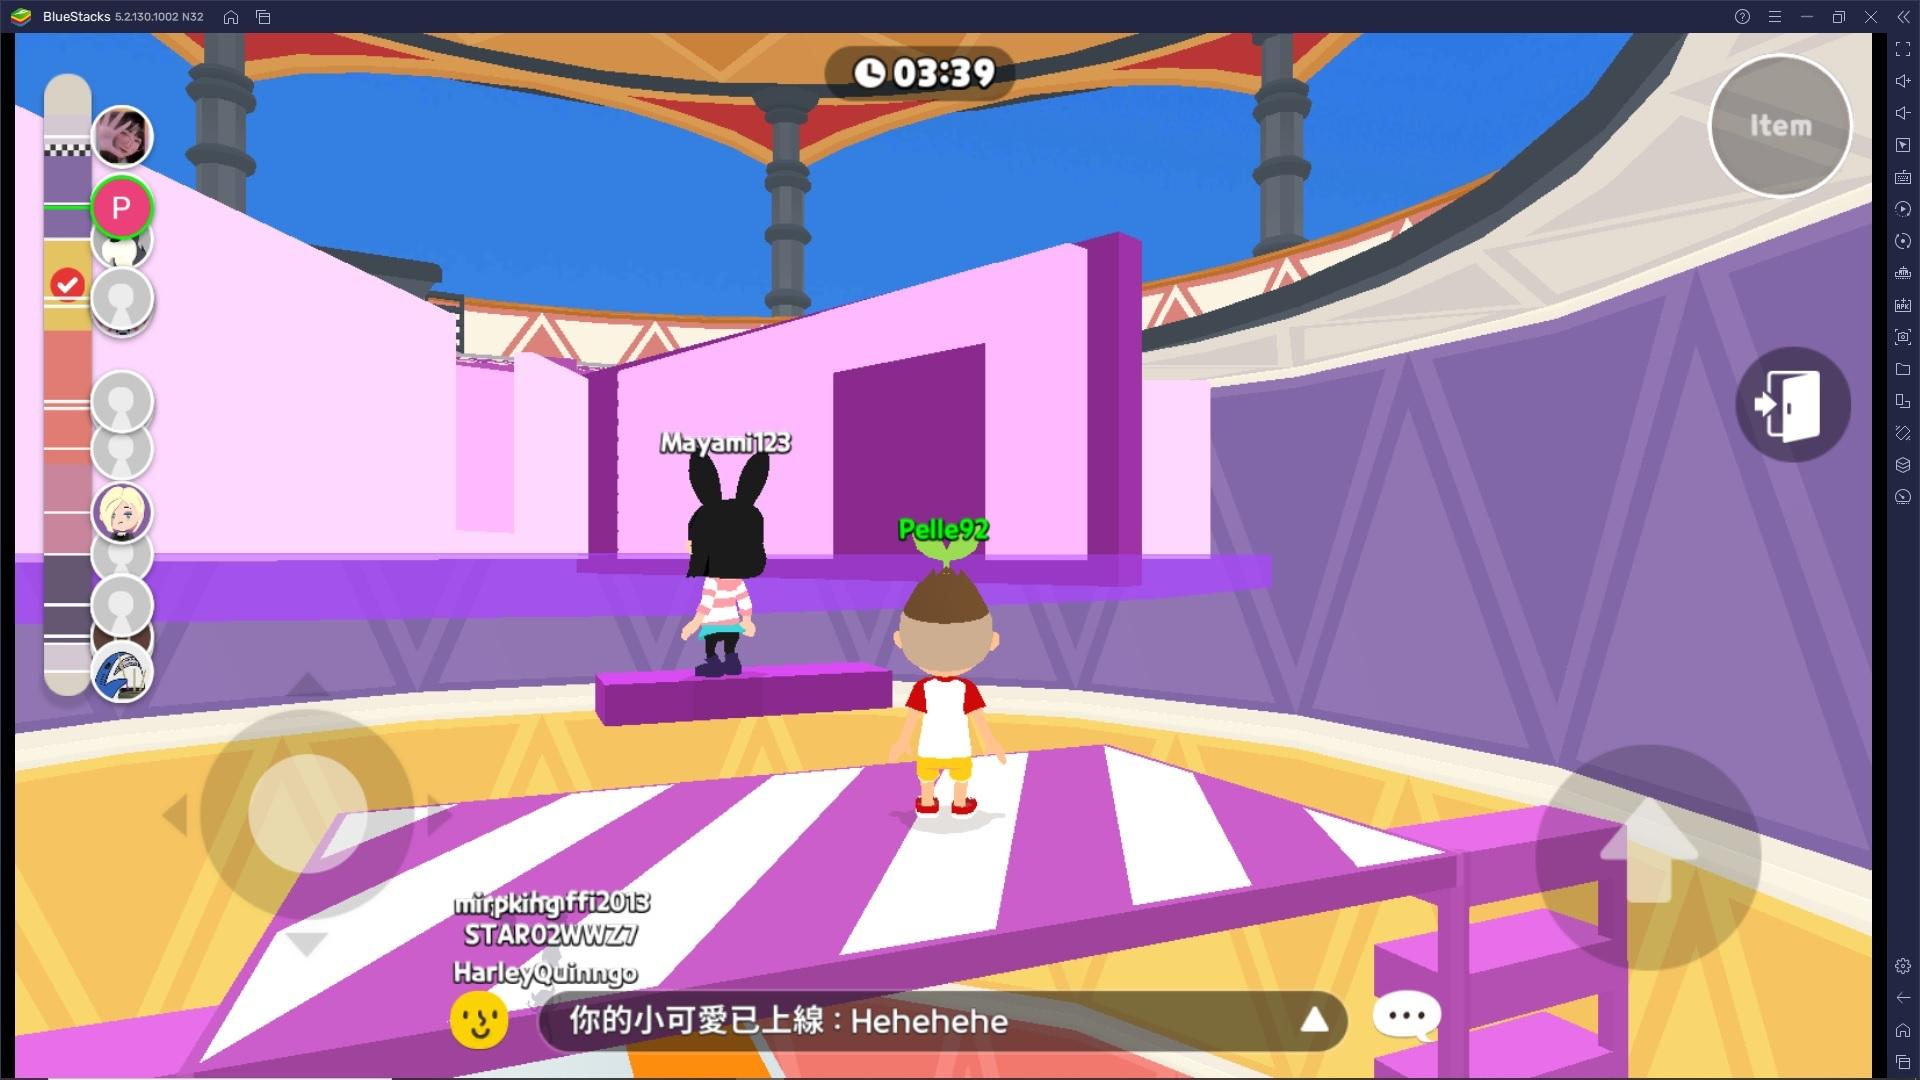 Play Together – Come affrontare la difficile sfida platform della Tower of Infinity